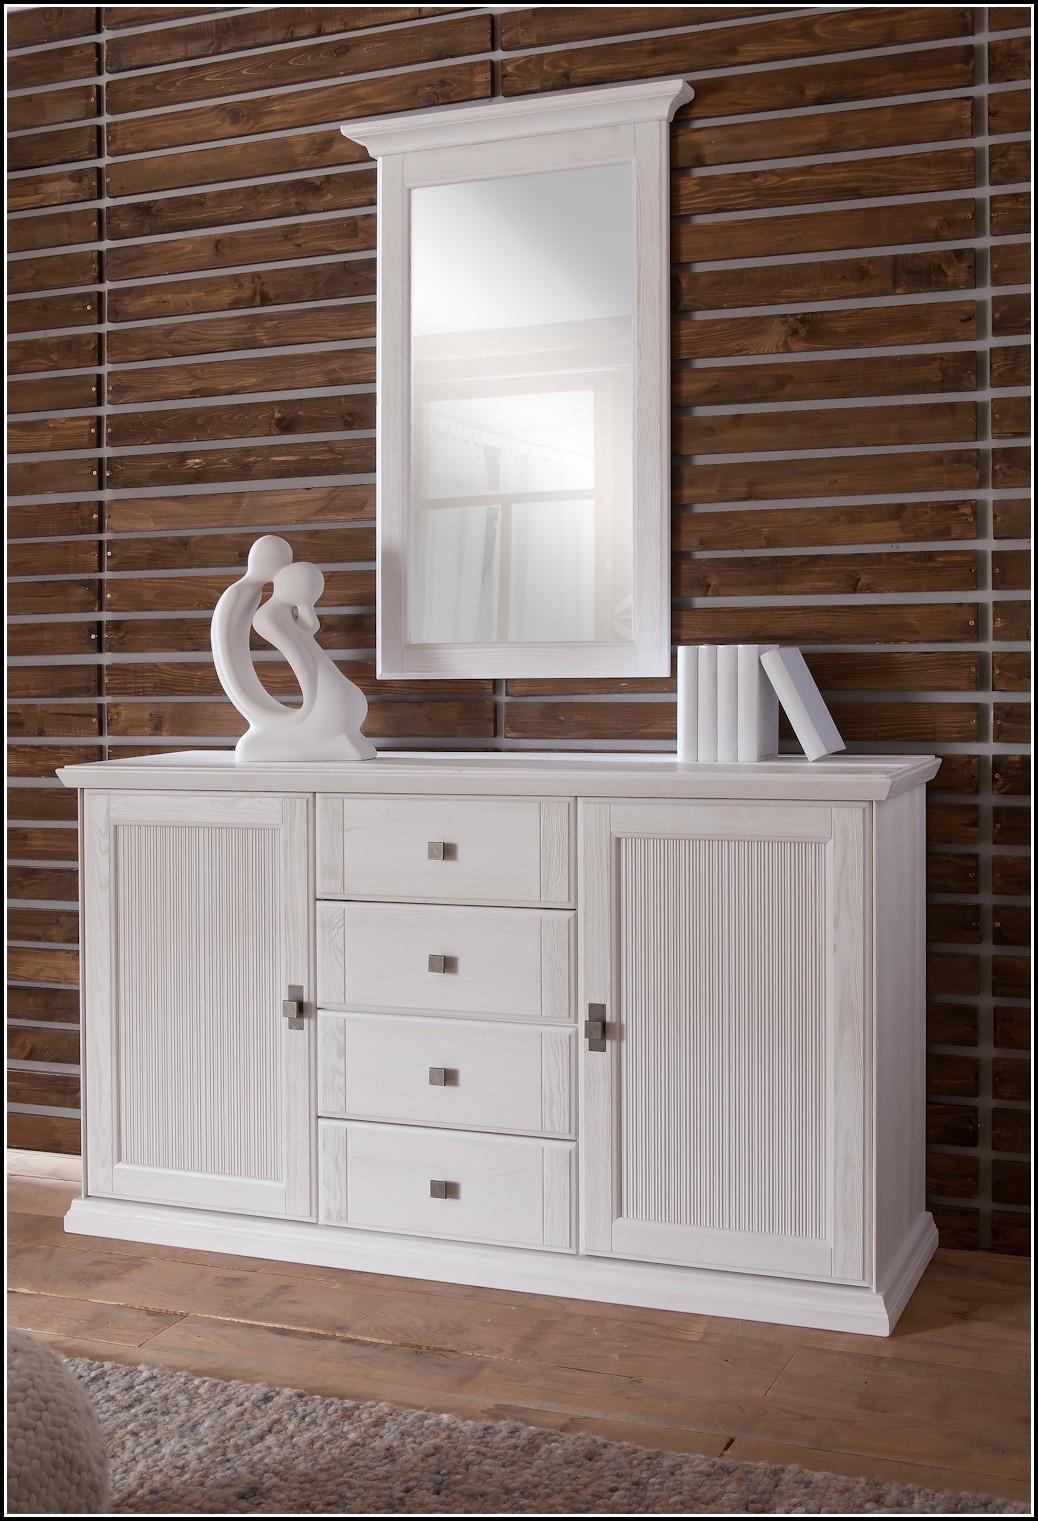 schlafzimmer online kaufen auf rechnung schlafzimmer. Black Bedroom Furniture Sets. Home Design Ideas